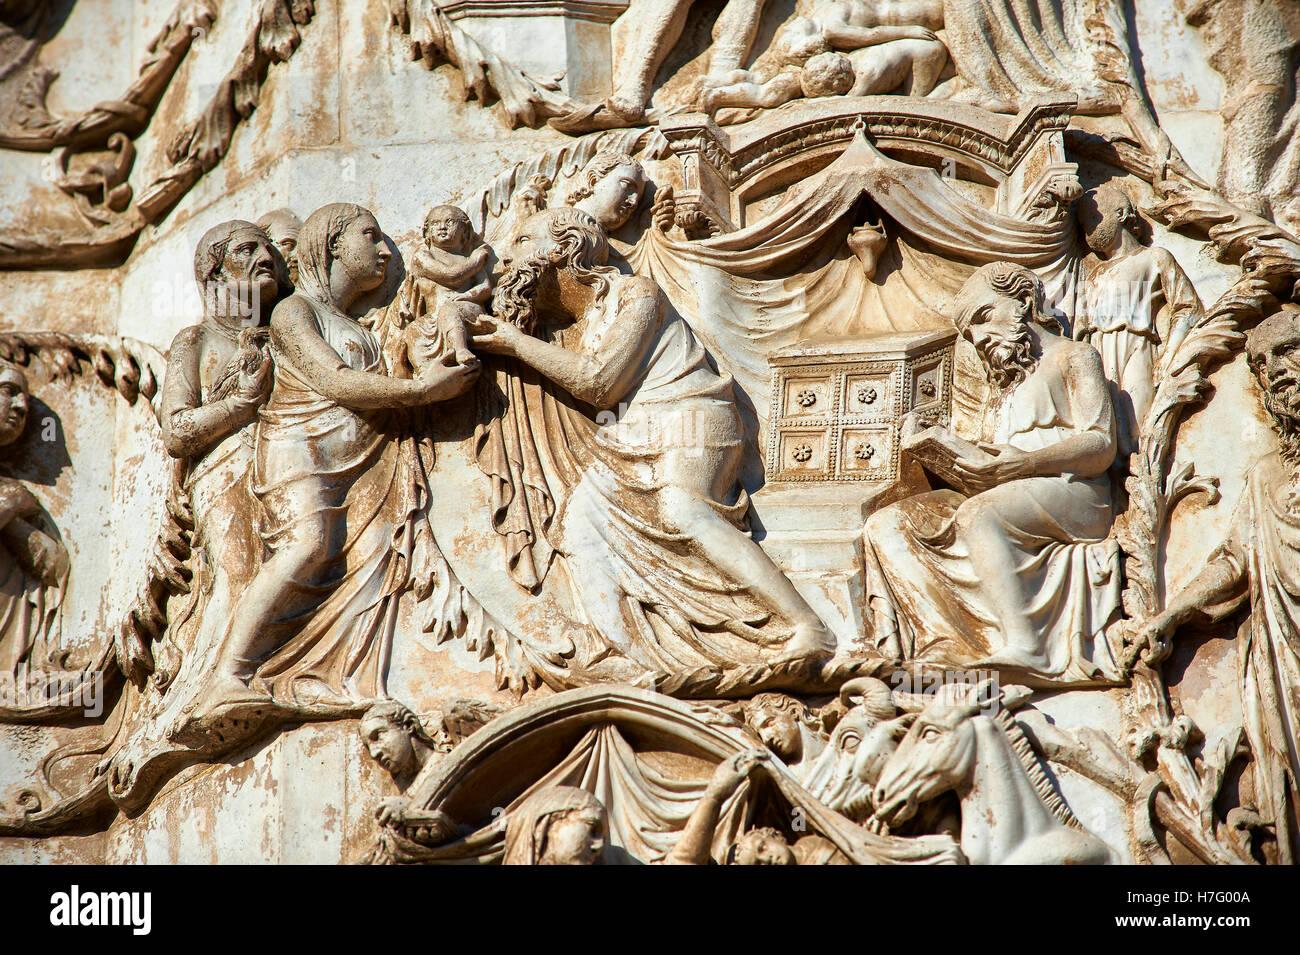 Christus im Tempel von Maitani circa1310, gotische toskanischen Fassade Orvieto Duomo Kathedrale, Umbrien, Italien Stockbild